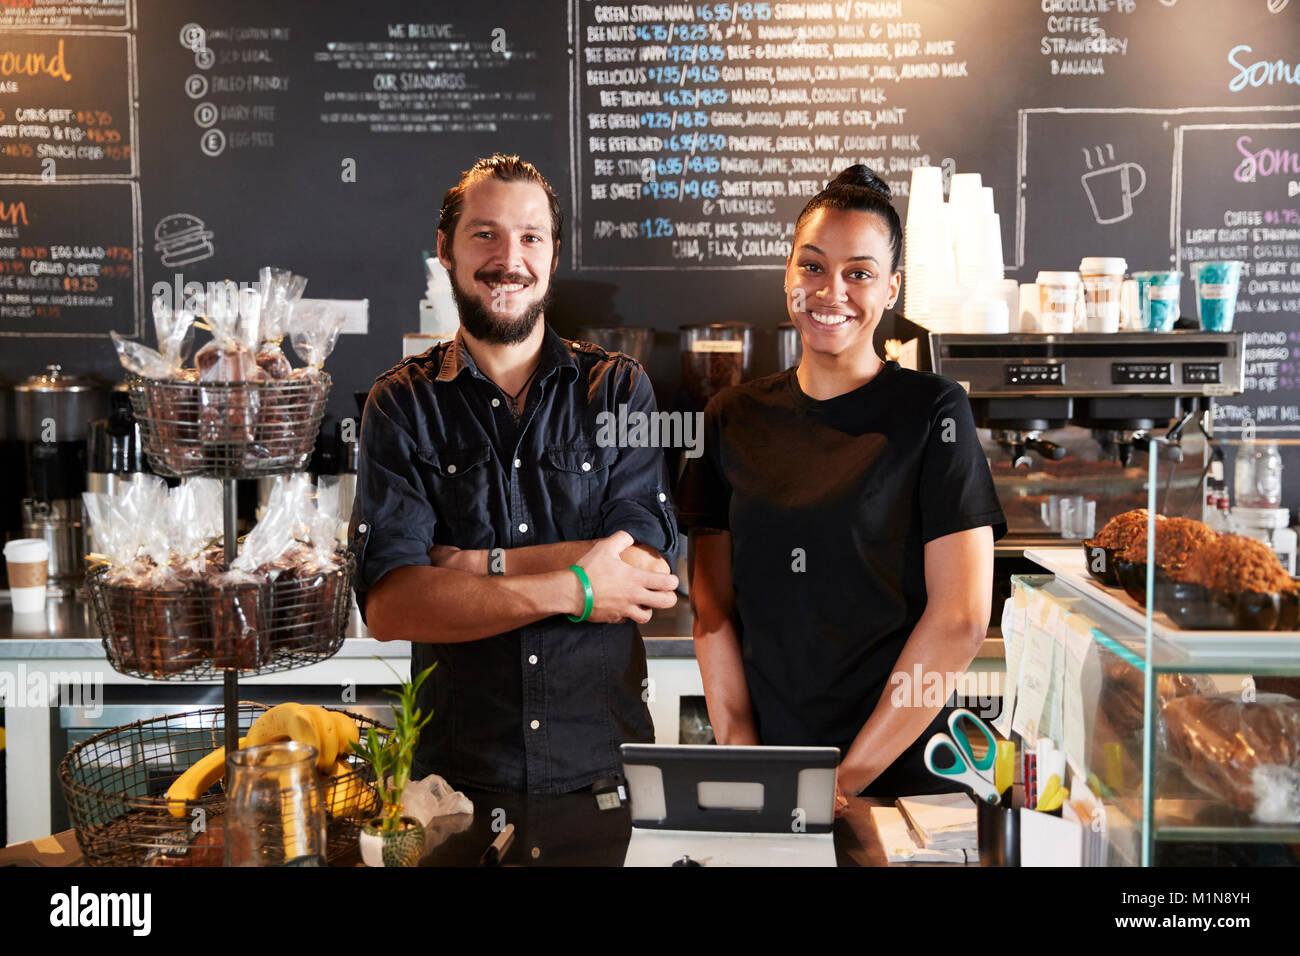 Männliche und weibliche Baristas hinter Zähler in Coffee Shop Stockfoto